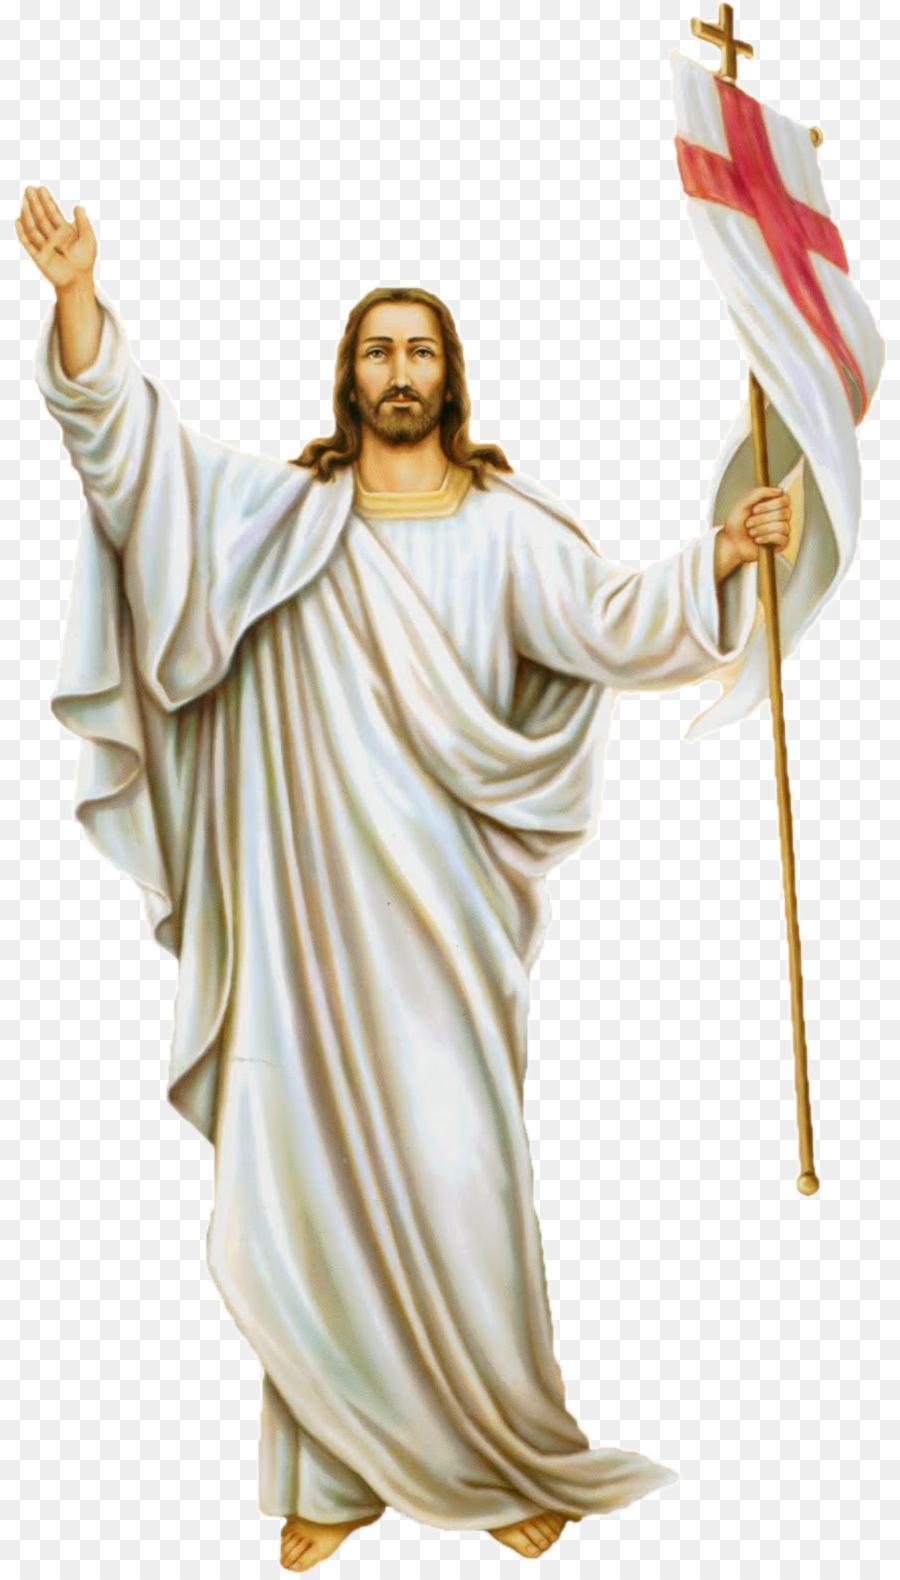 Png Jesus Is Risen & Free Jesus Is Risen.png Transparent.